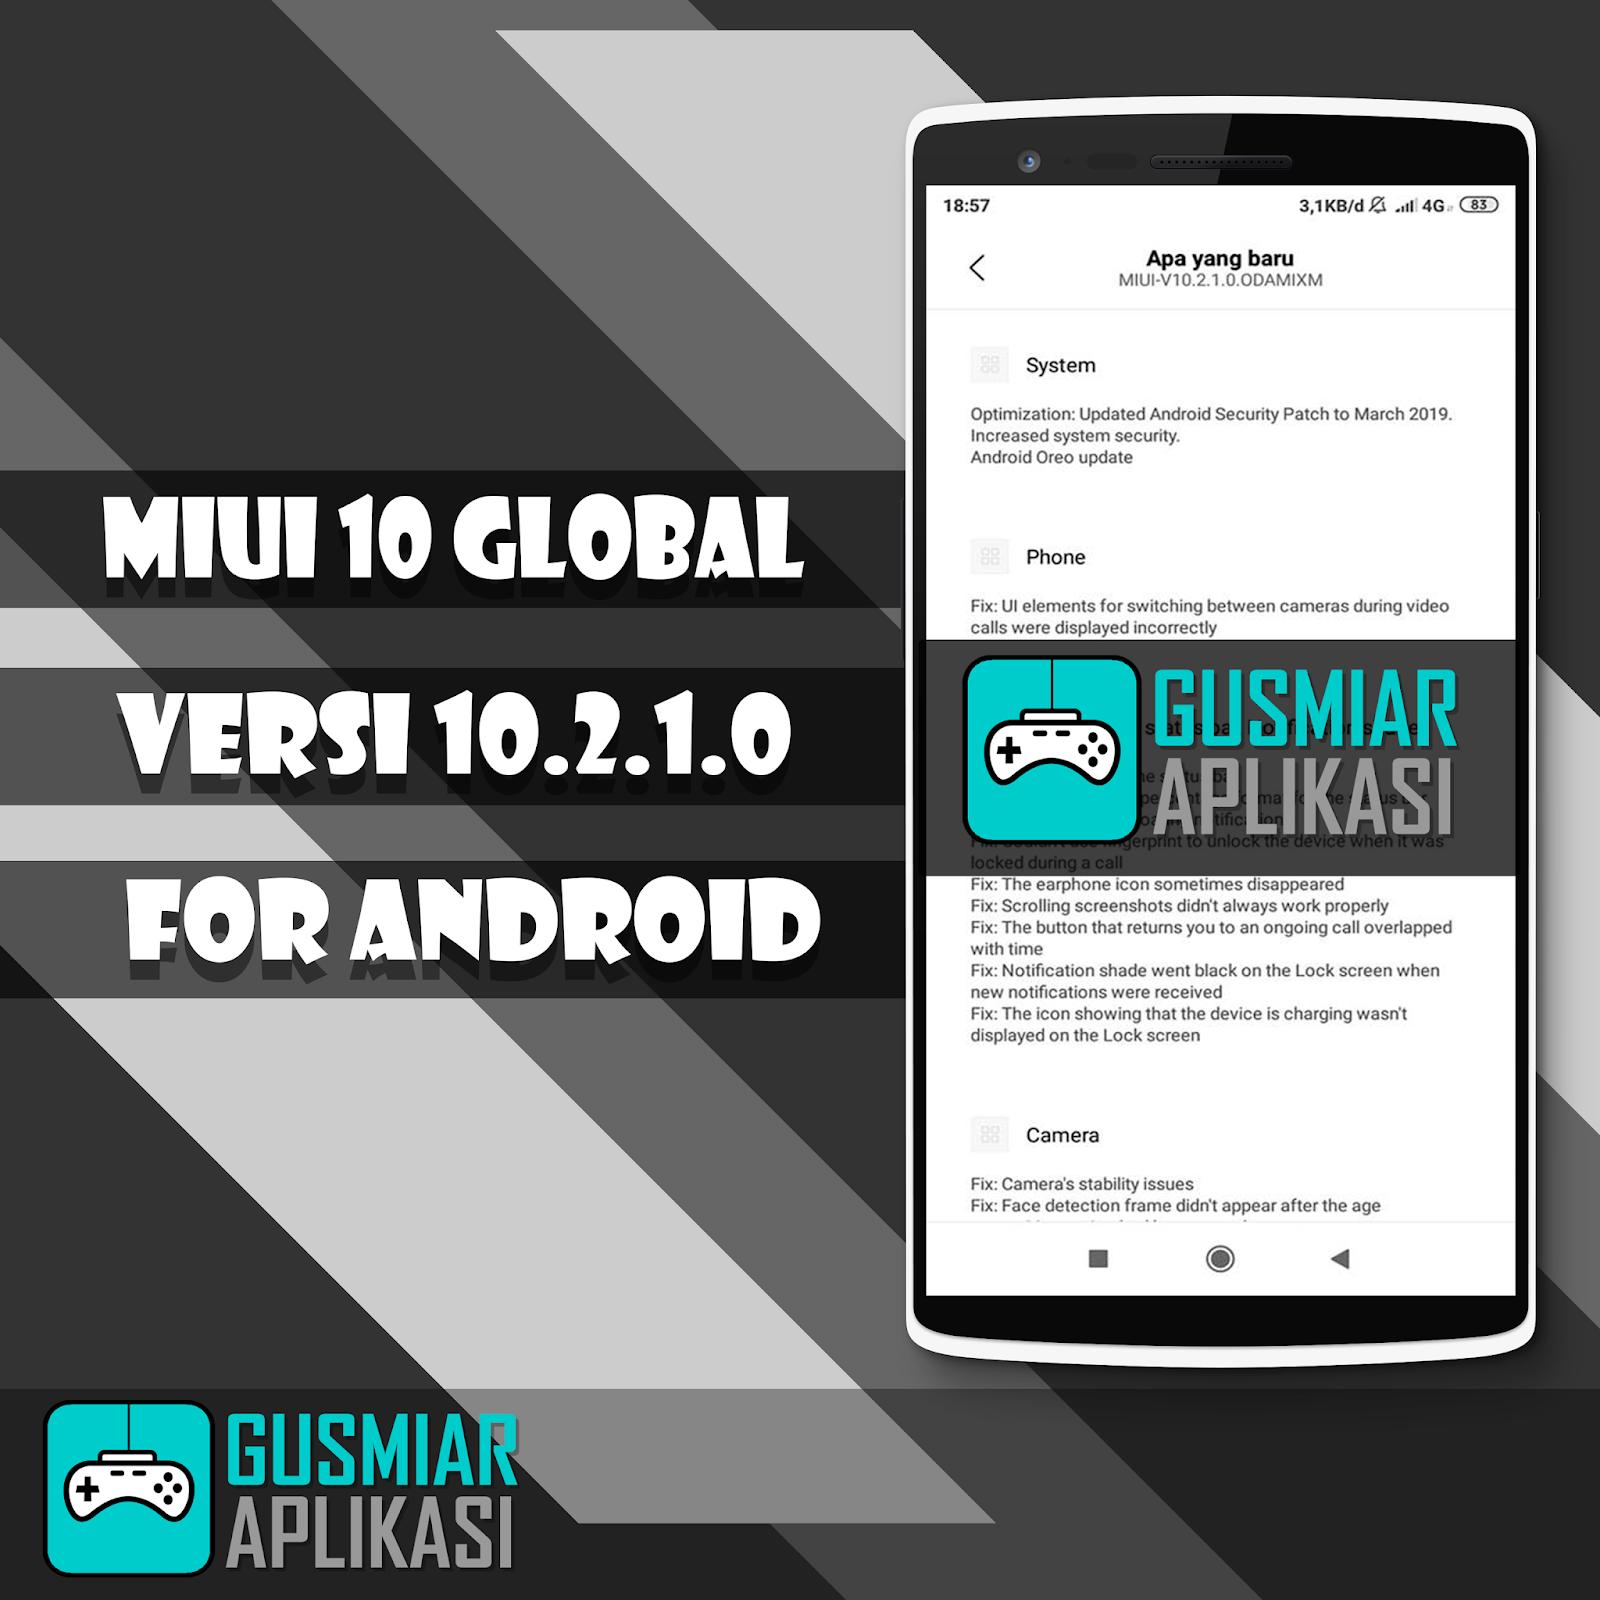 MIUI 10 Versi 10 2 1 0 For Redmi 5 (Rosy) - Gusmiar Aplikasi